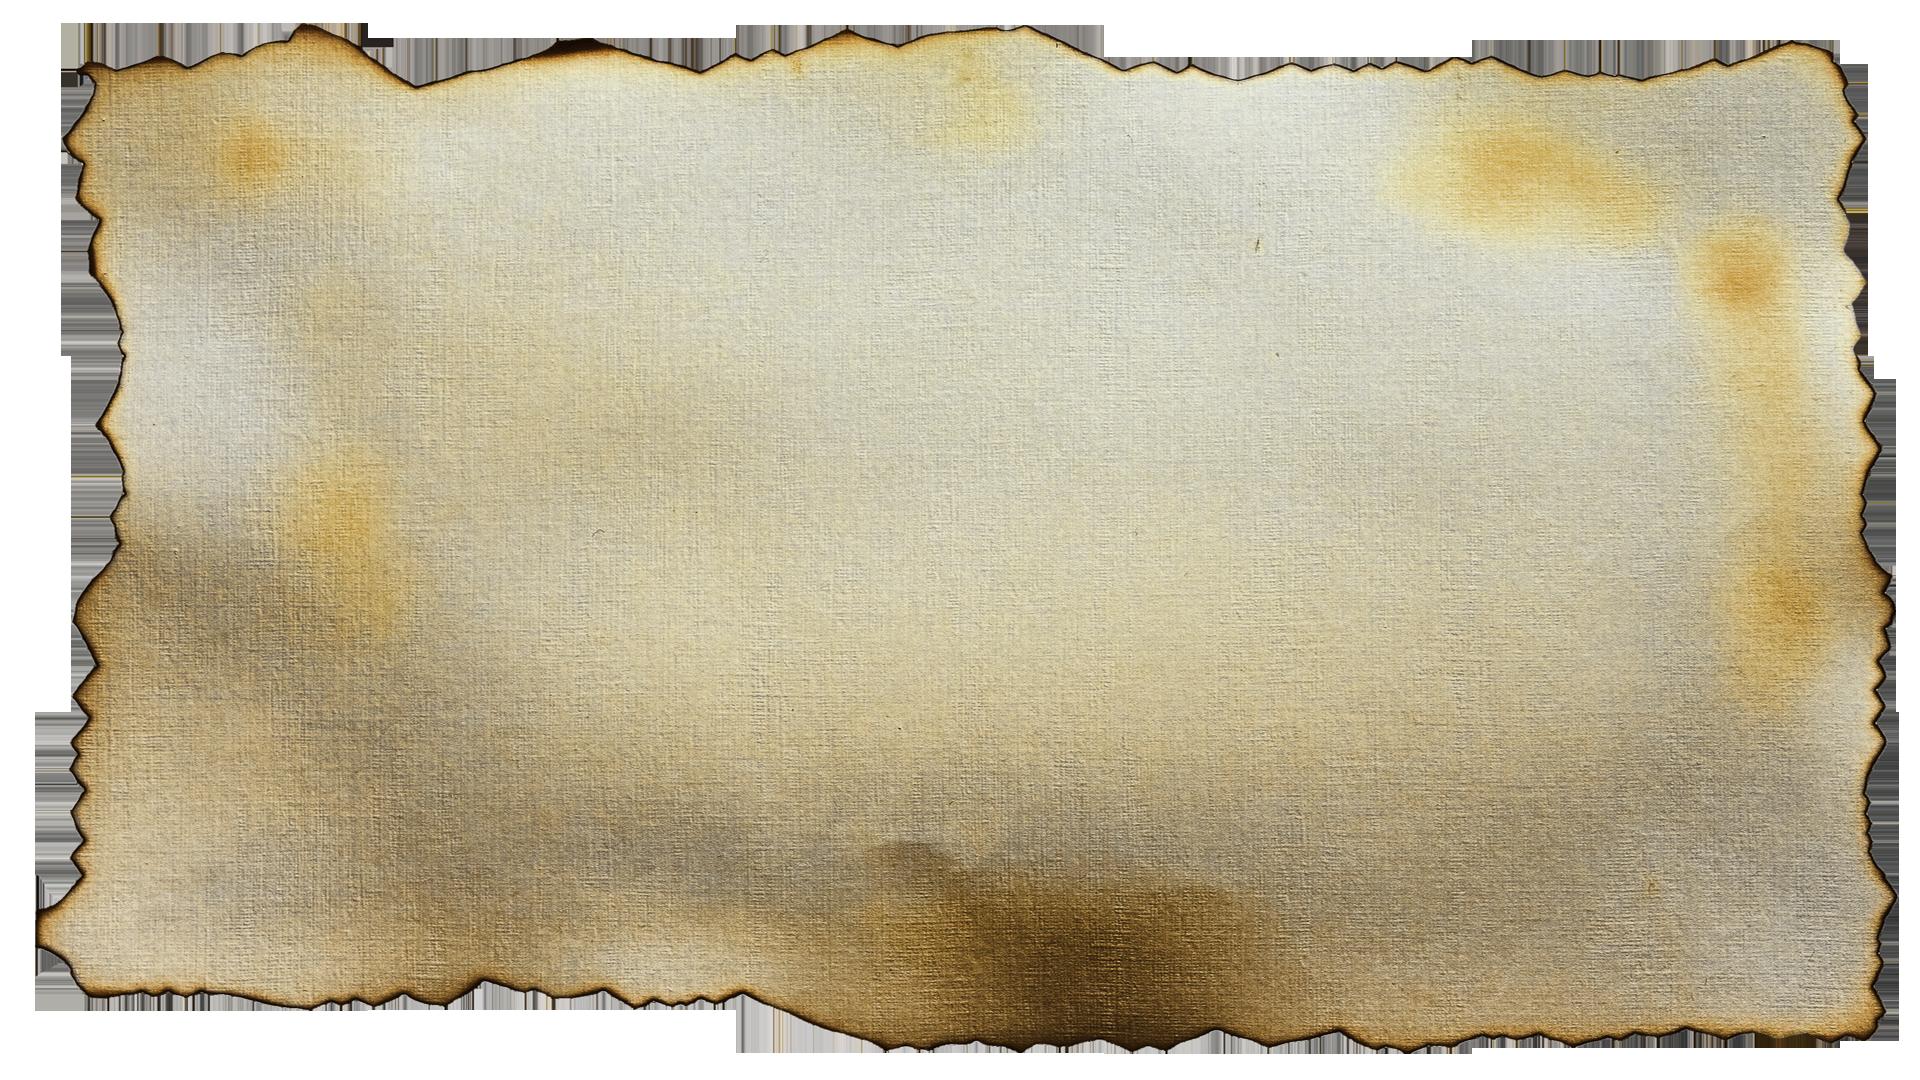 Newspaper clipart vintage newspaper. Burnt paper png transparent